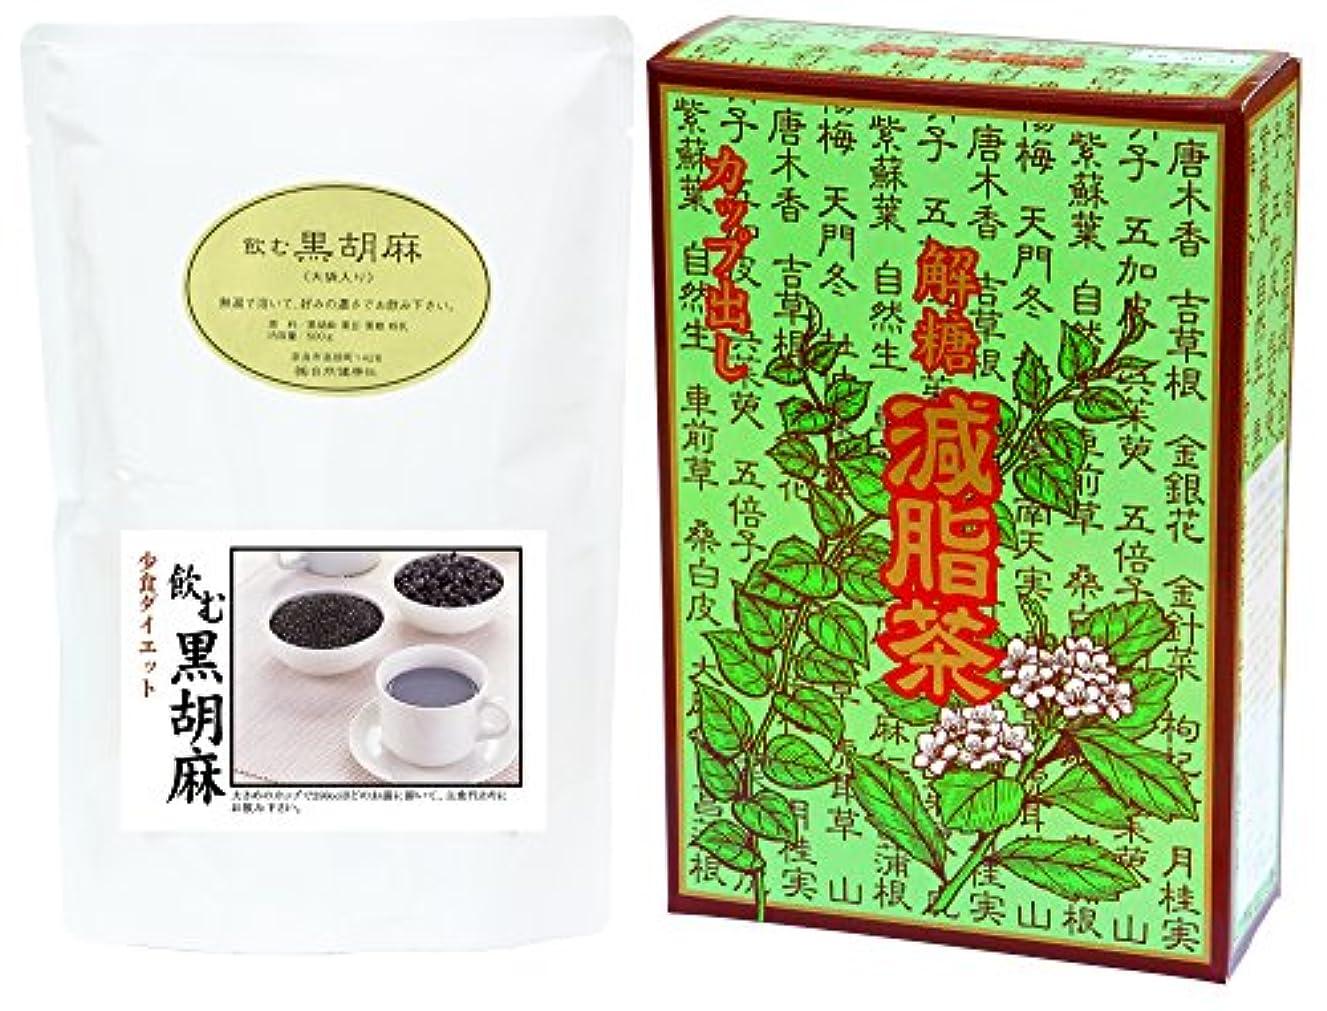 つづりごちそうかかわらず自然健康社 飲む黒胡麻?大袋 500g + 減脂茶?箱 60パック